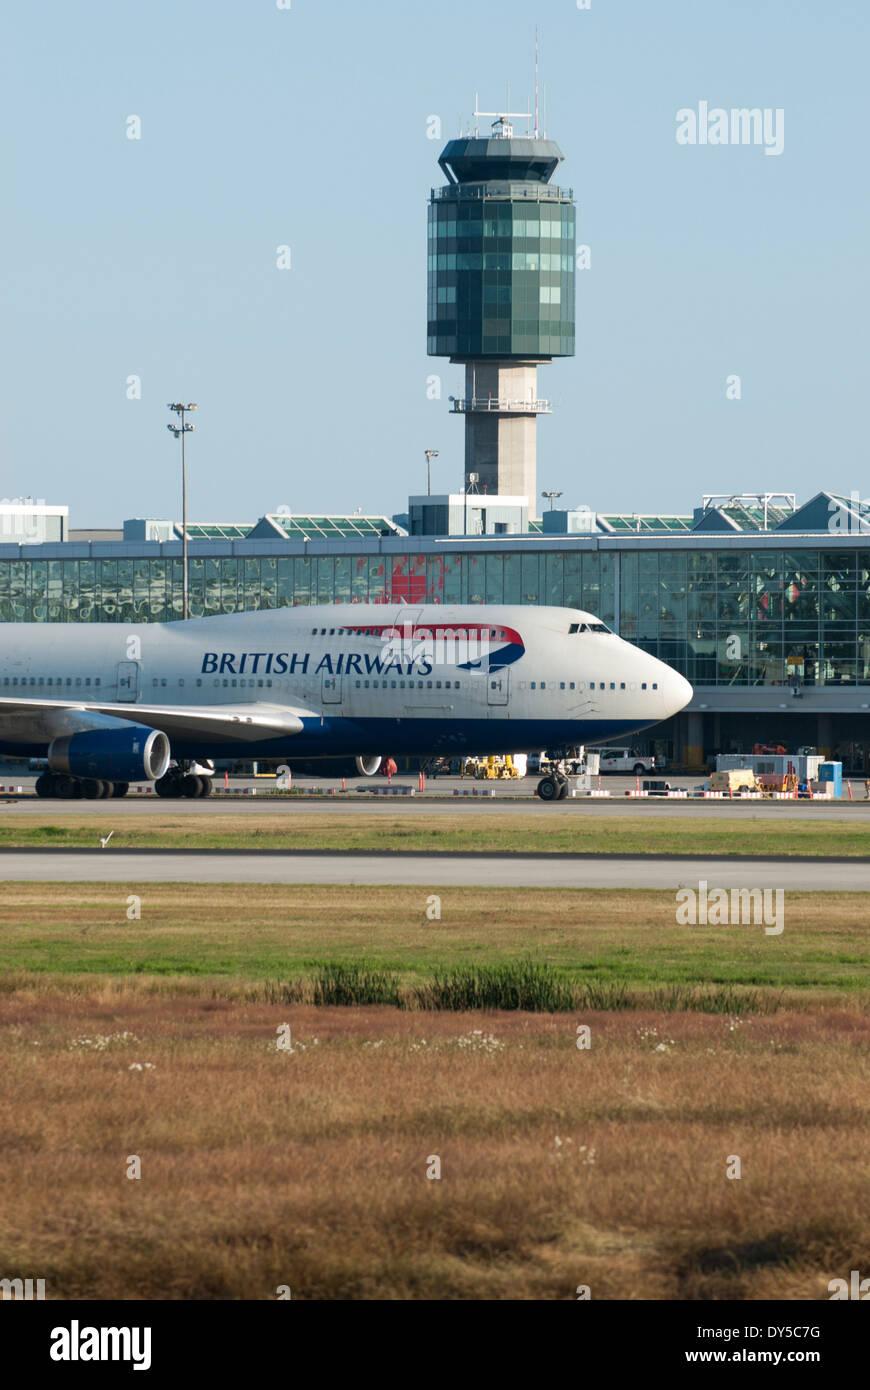 British Airways jet comercial de rodadura en el Aeropuerto Internacional de Vancouver. Imagen De Stock